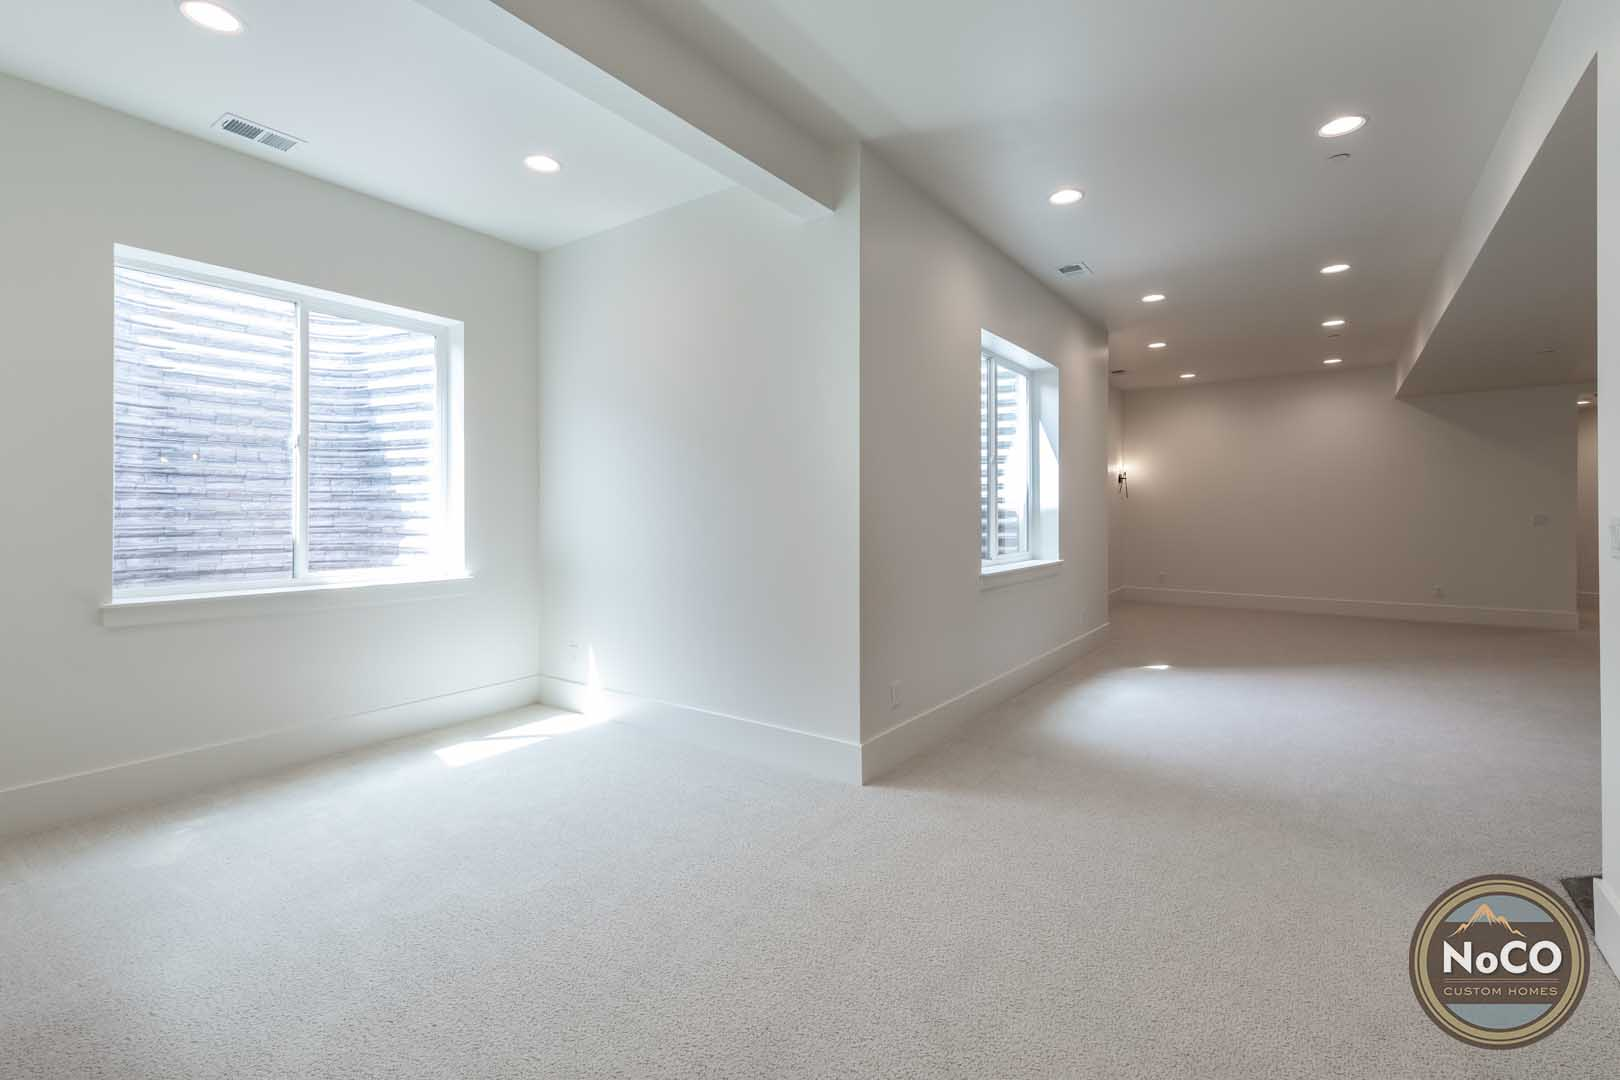 colorado custom home basement